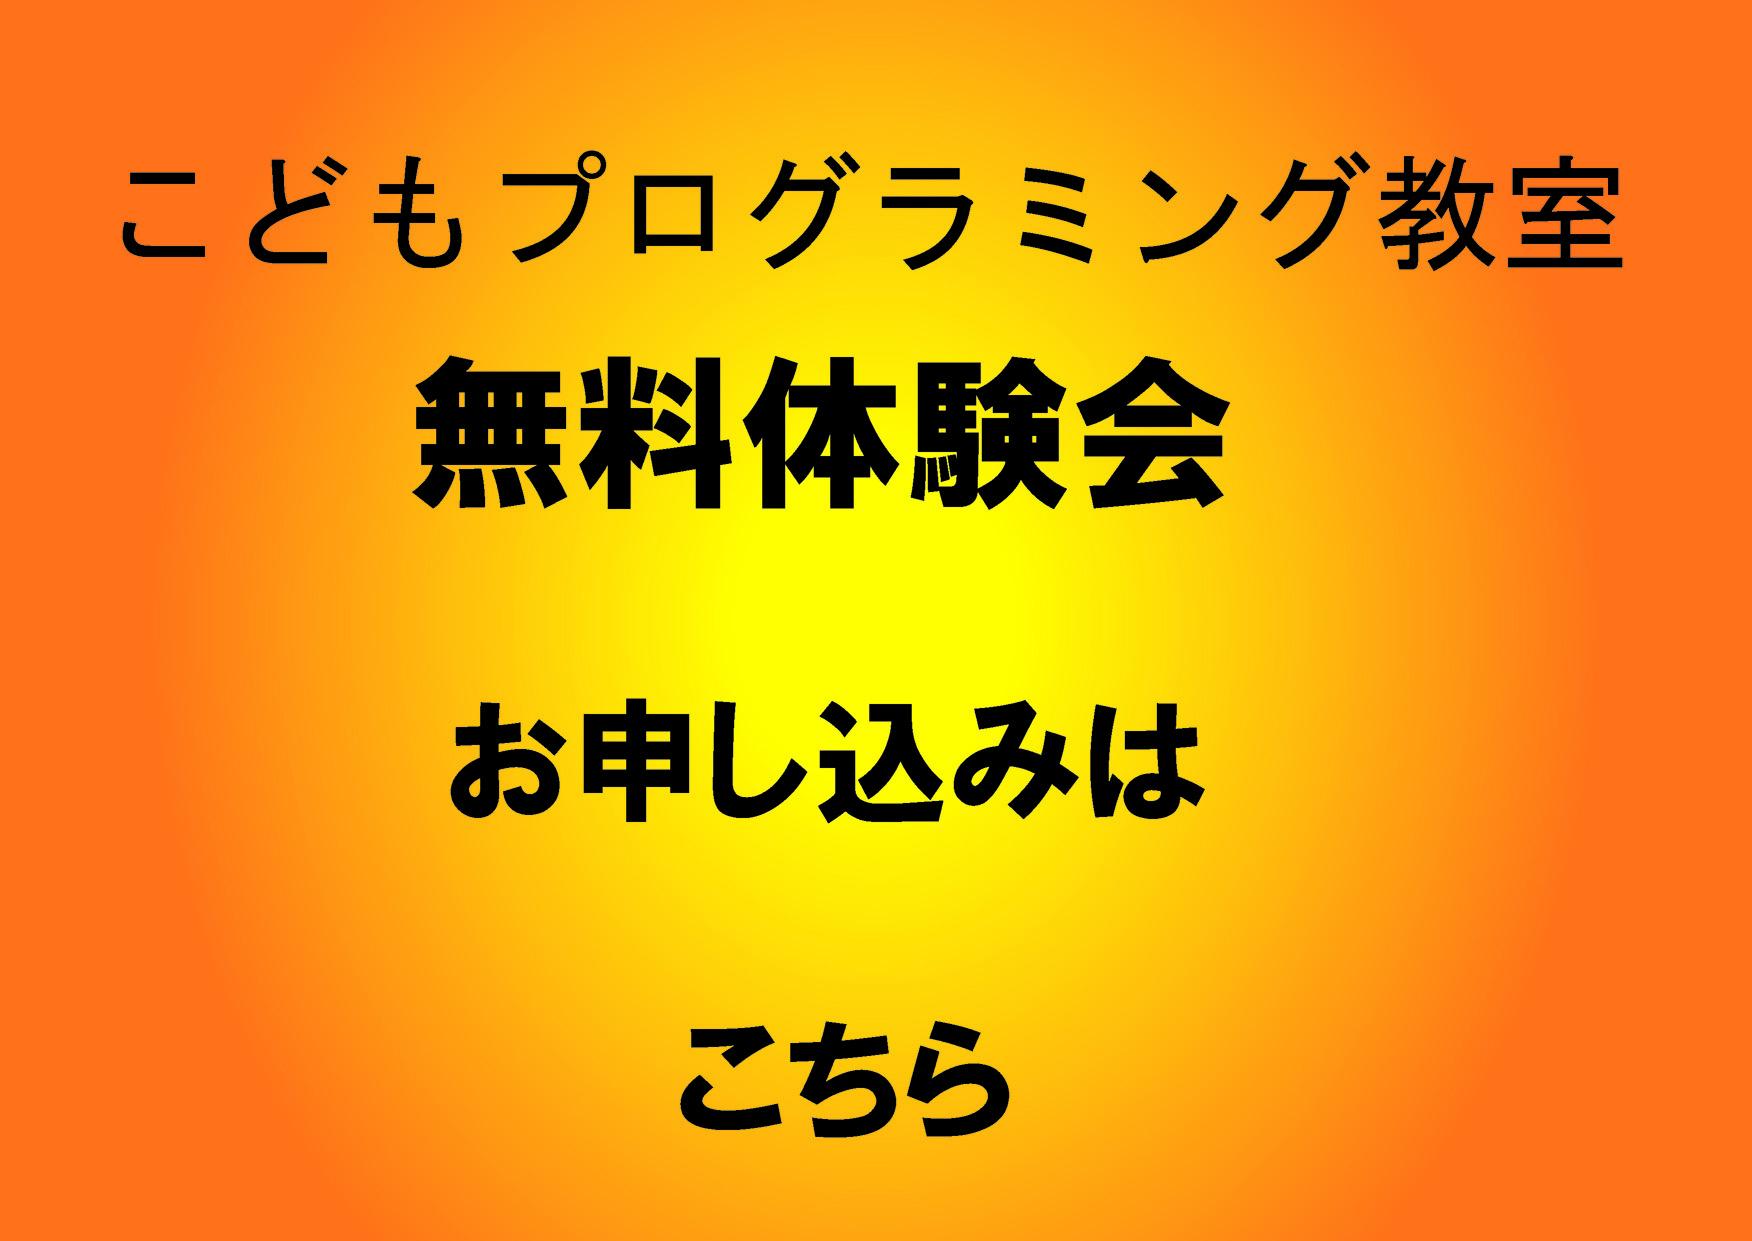 無料体験会:こども プログラミング教室【高松校】